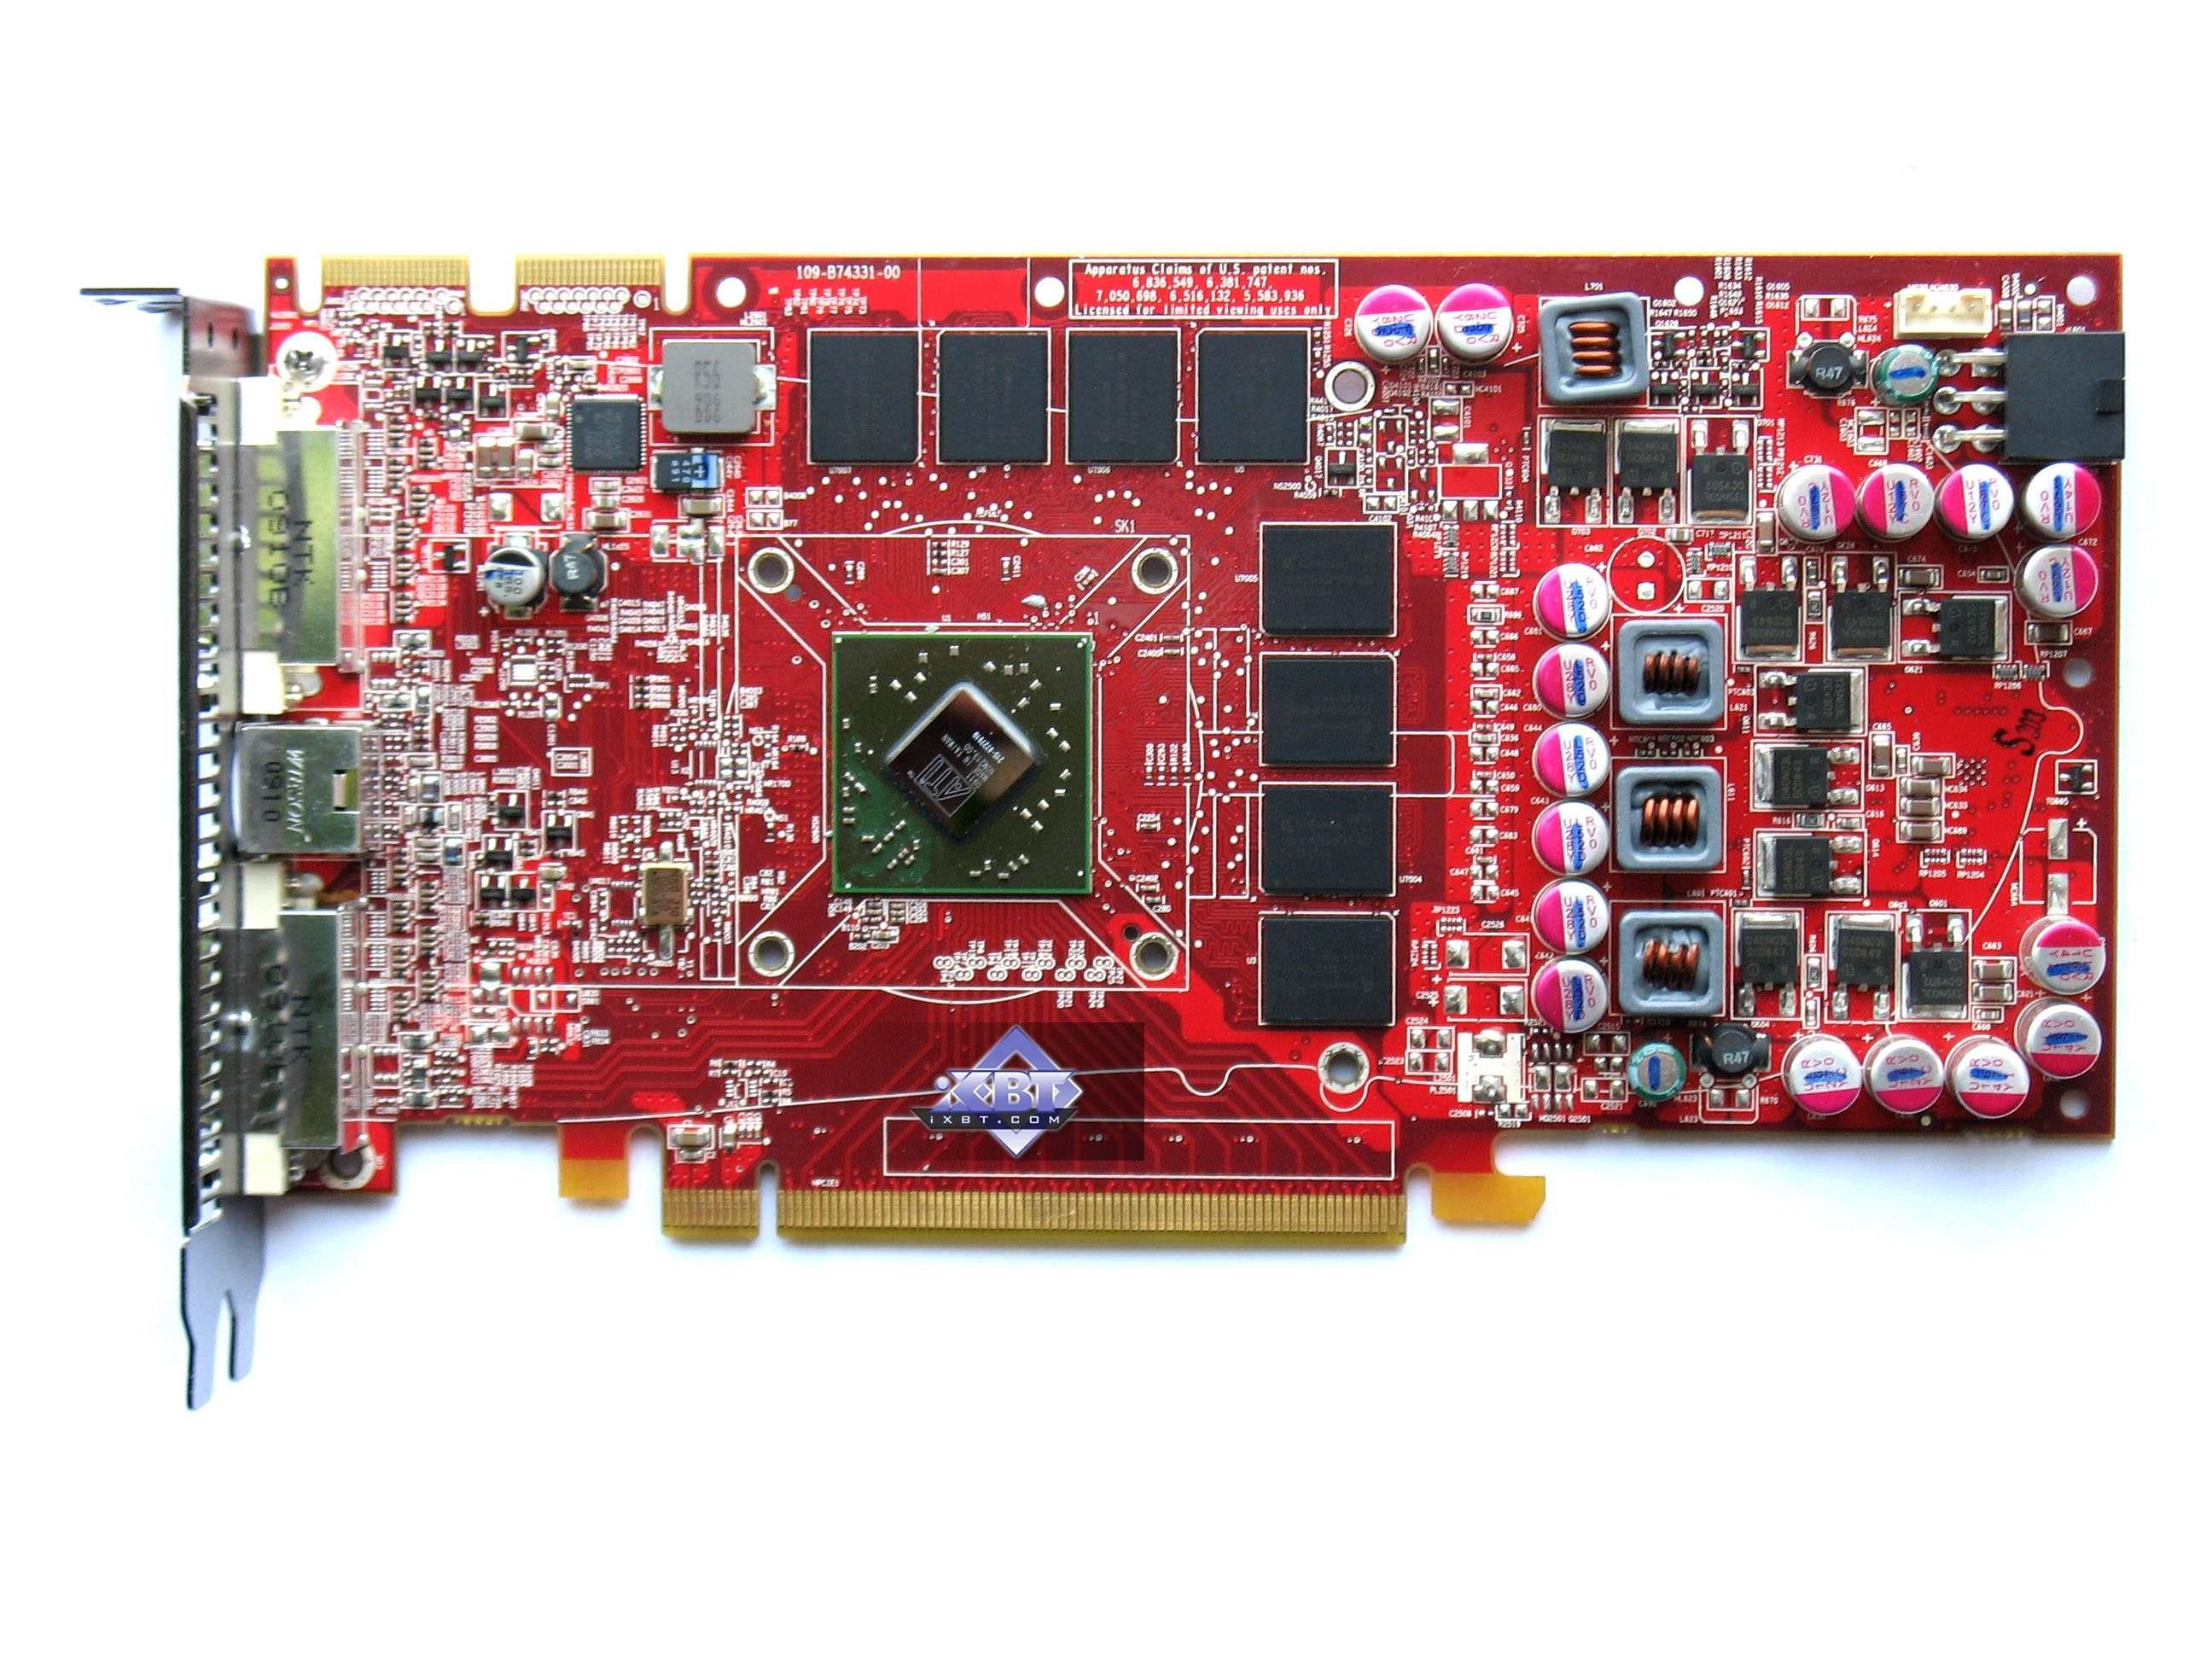 I need to get ATI Mobility Radeon HD 5650 drivers ...